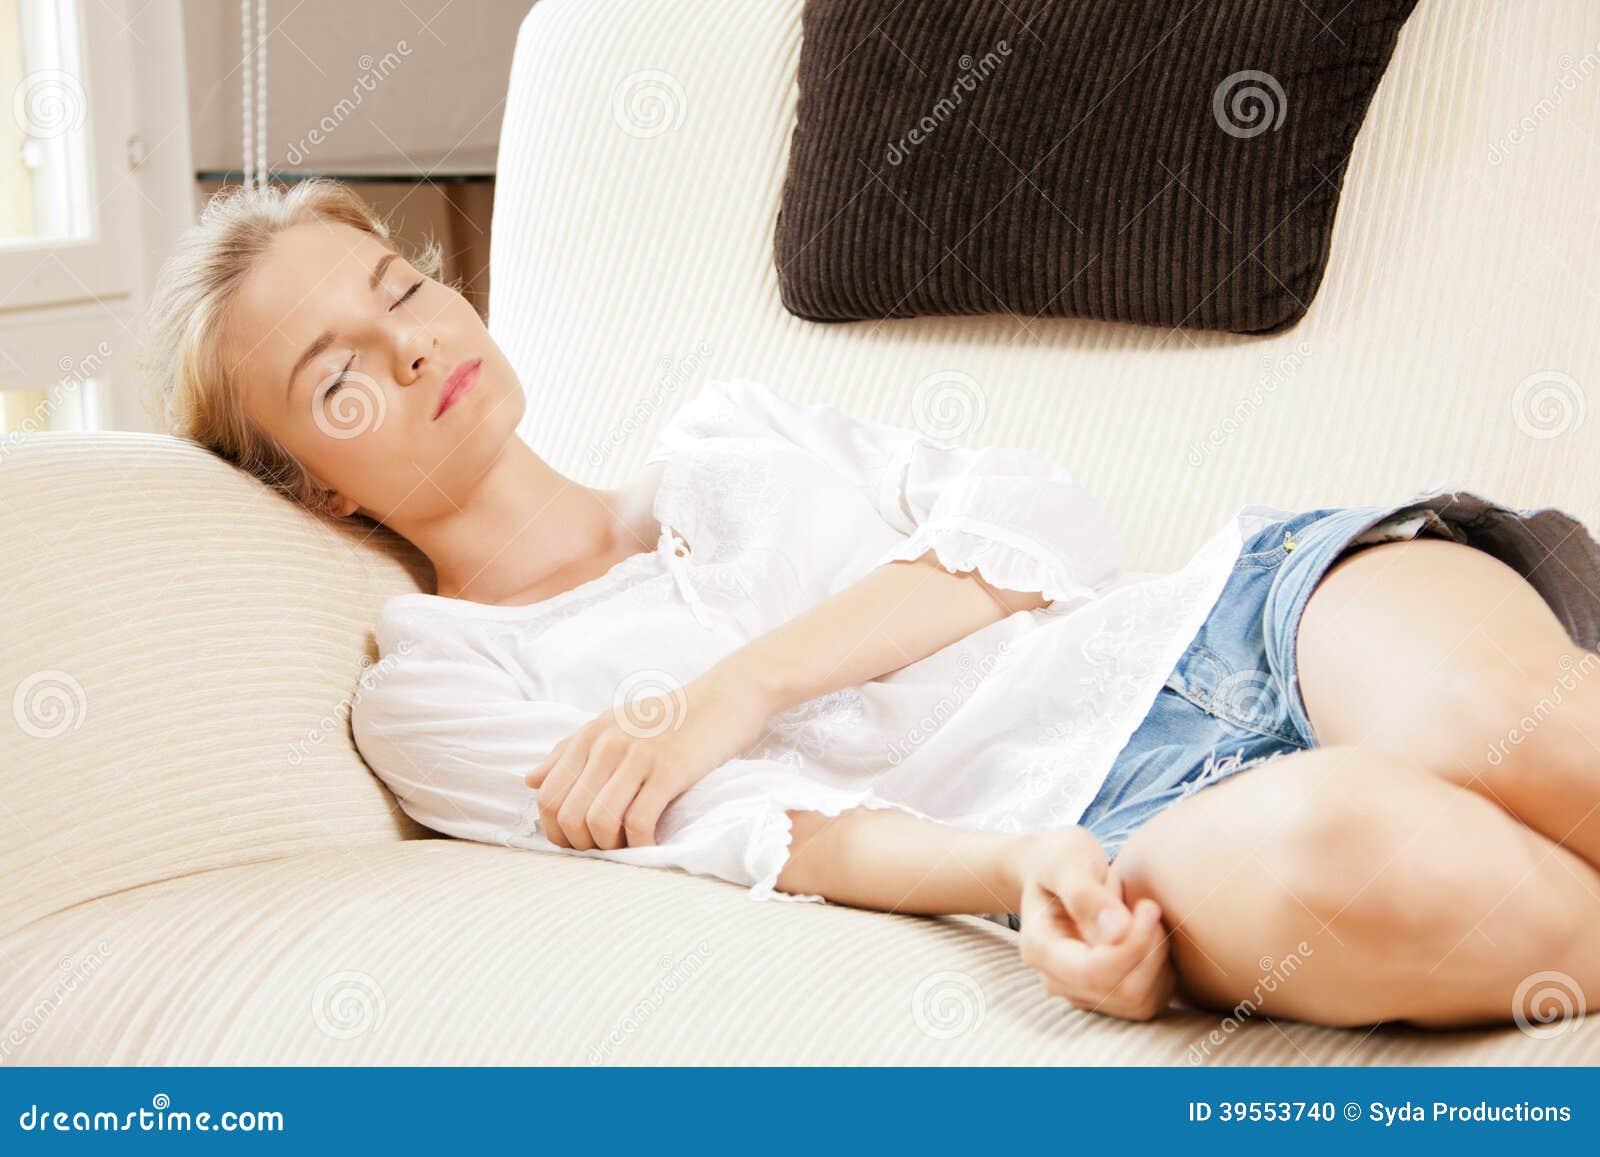 Sleeping Teen Thumbs 118